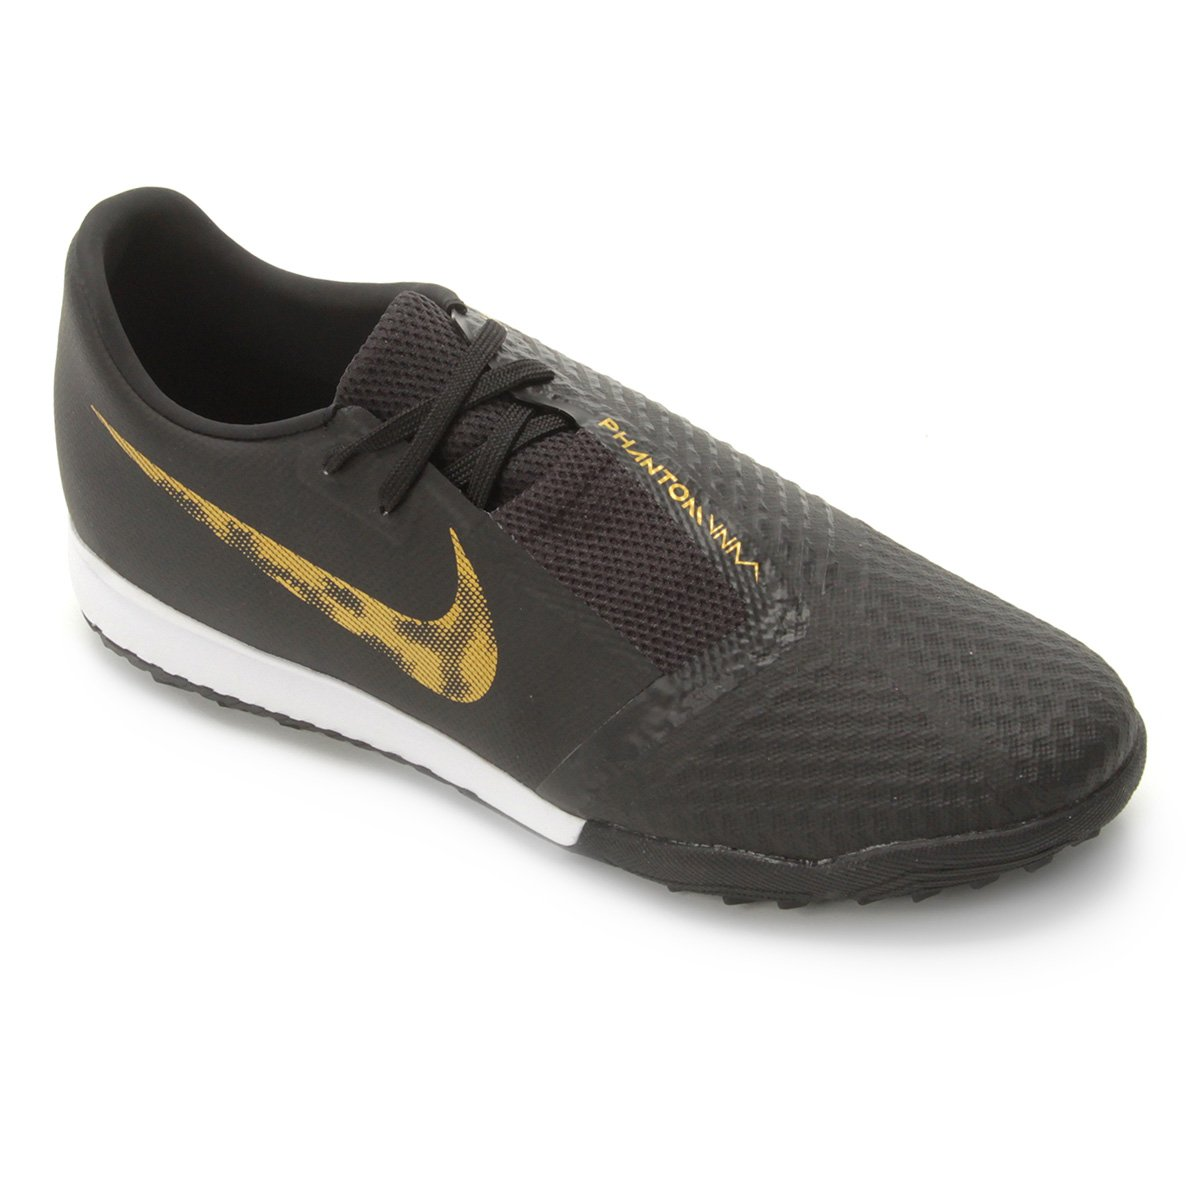 dd5df288b17 Chuteira Society Nike Phantom Venom Academy TF - Preto e Dourado - Compre  Agora